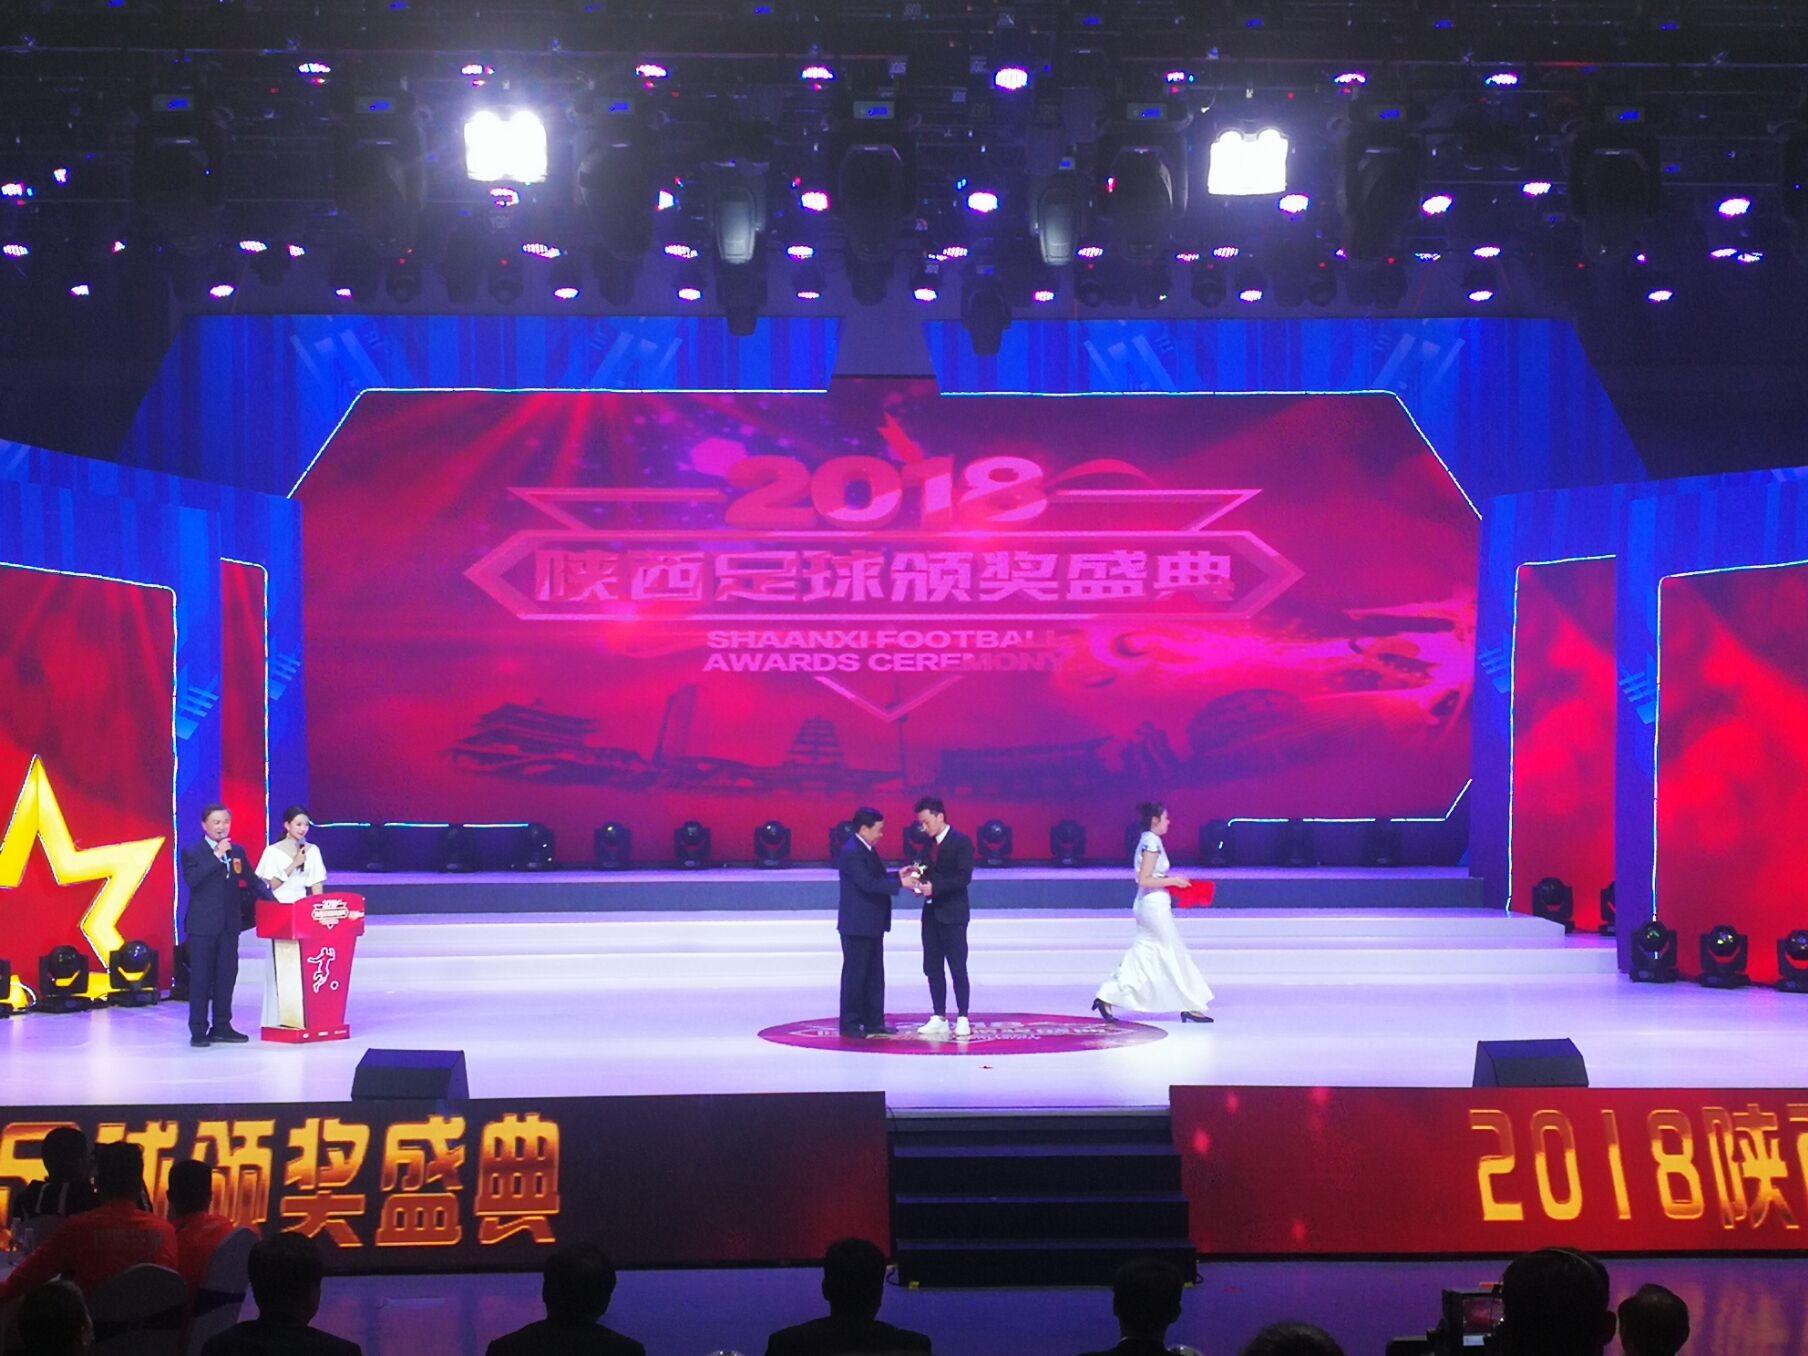 首届陕西足球颁奖典礼举行,杨贺荣获陕西足球先生